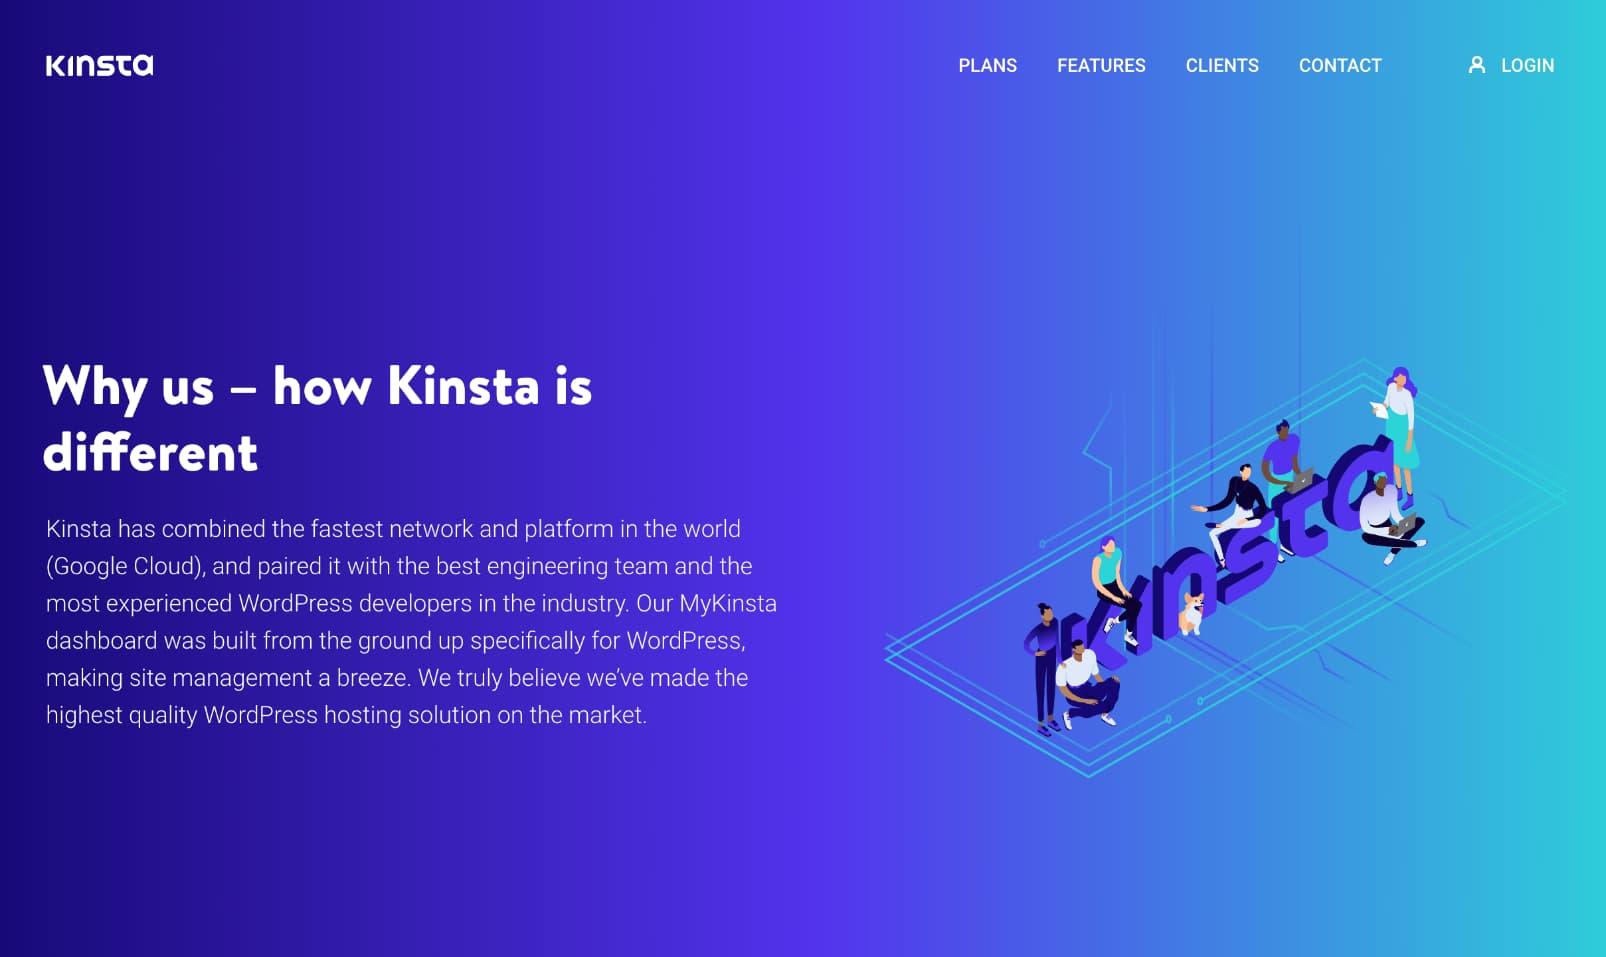 ¿Qué hace diferente a Kinsta?